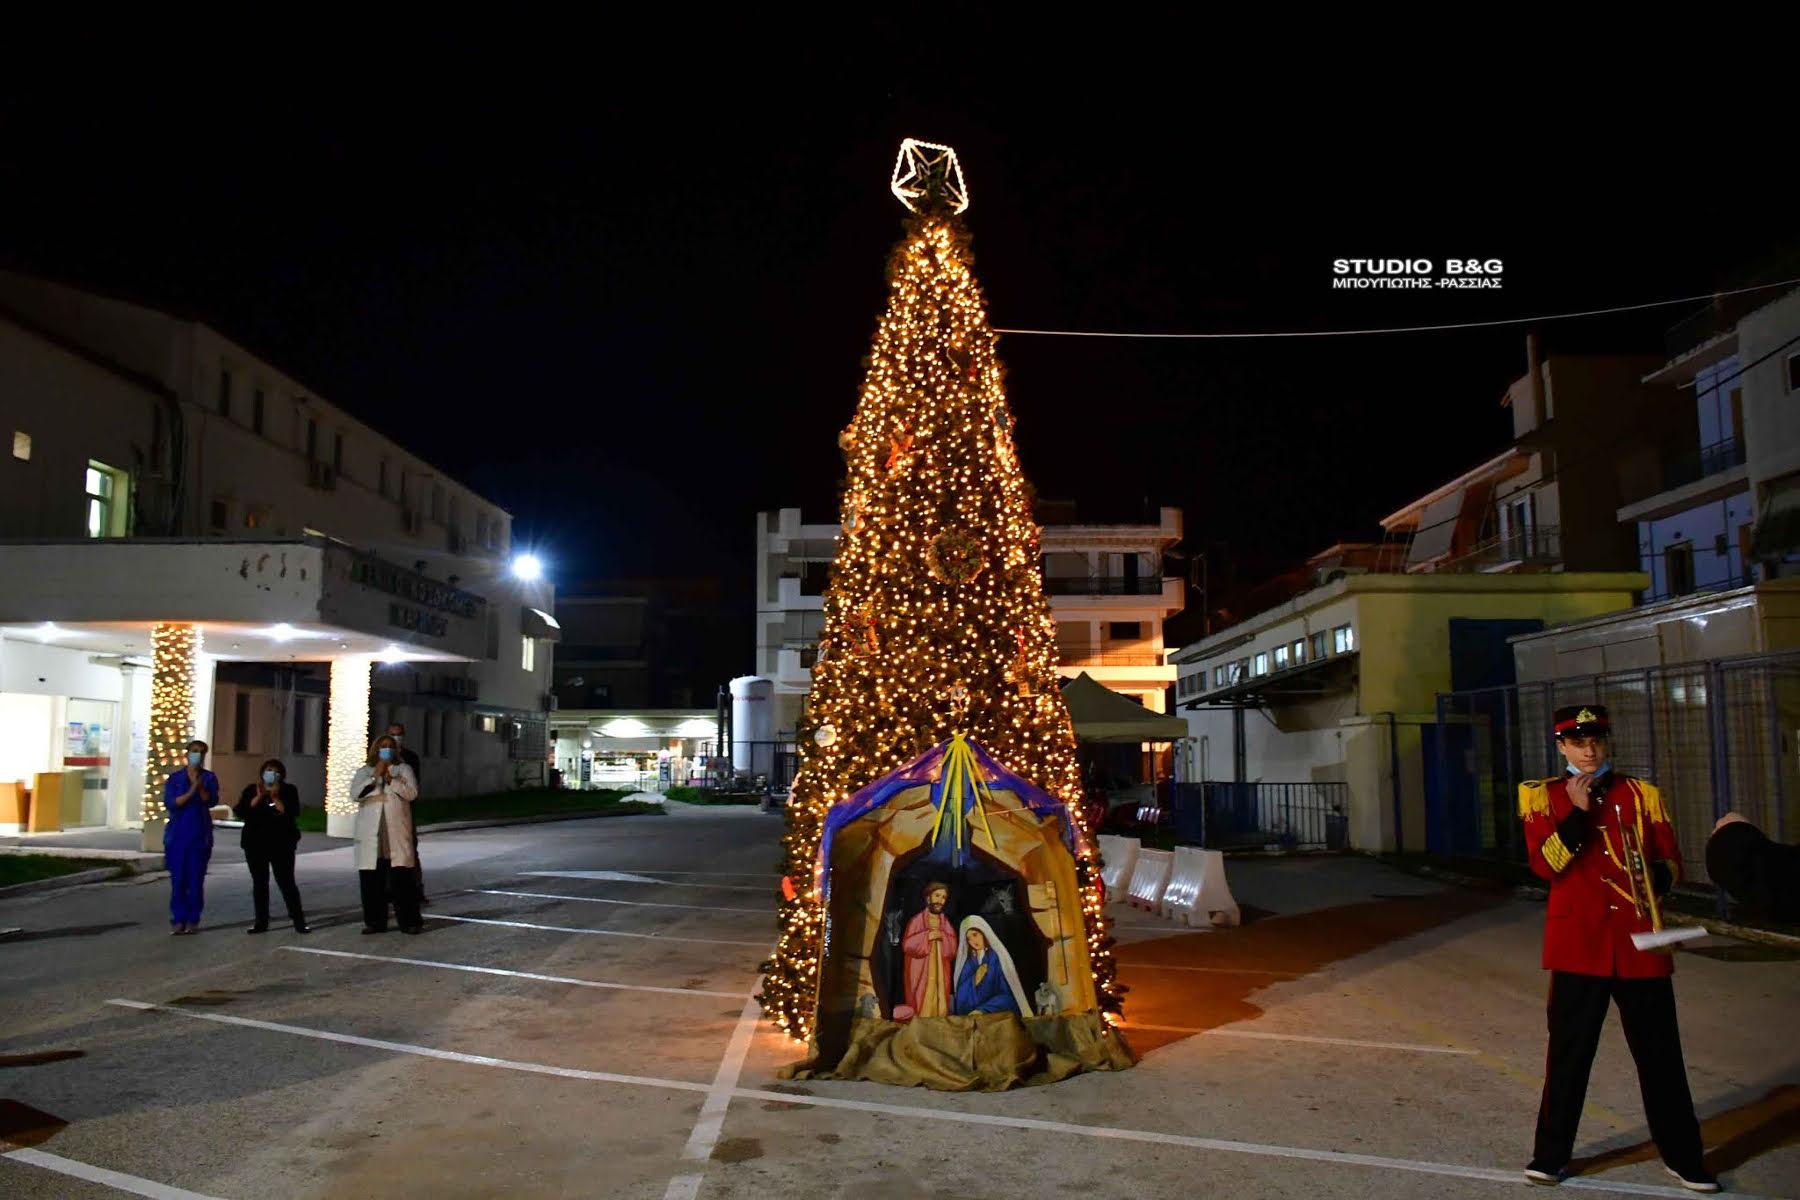 Ναύπλιο: Συγκίνηση στο νοσοκομείο – Φωταγωγήθηκε στο προαύλιο το Χριστουγεννιάτικο δέντρο του Δήμου